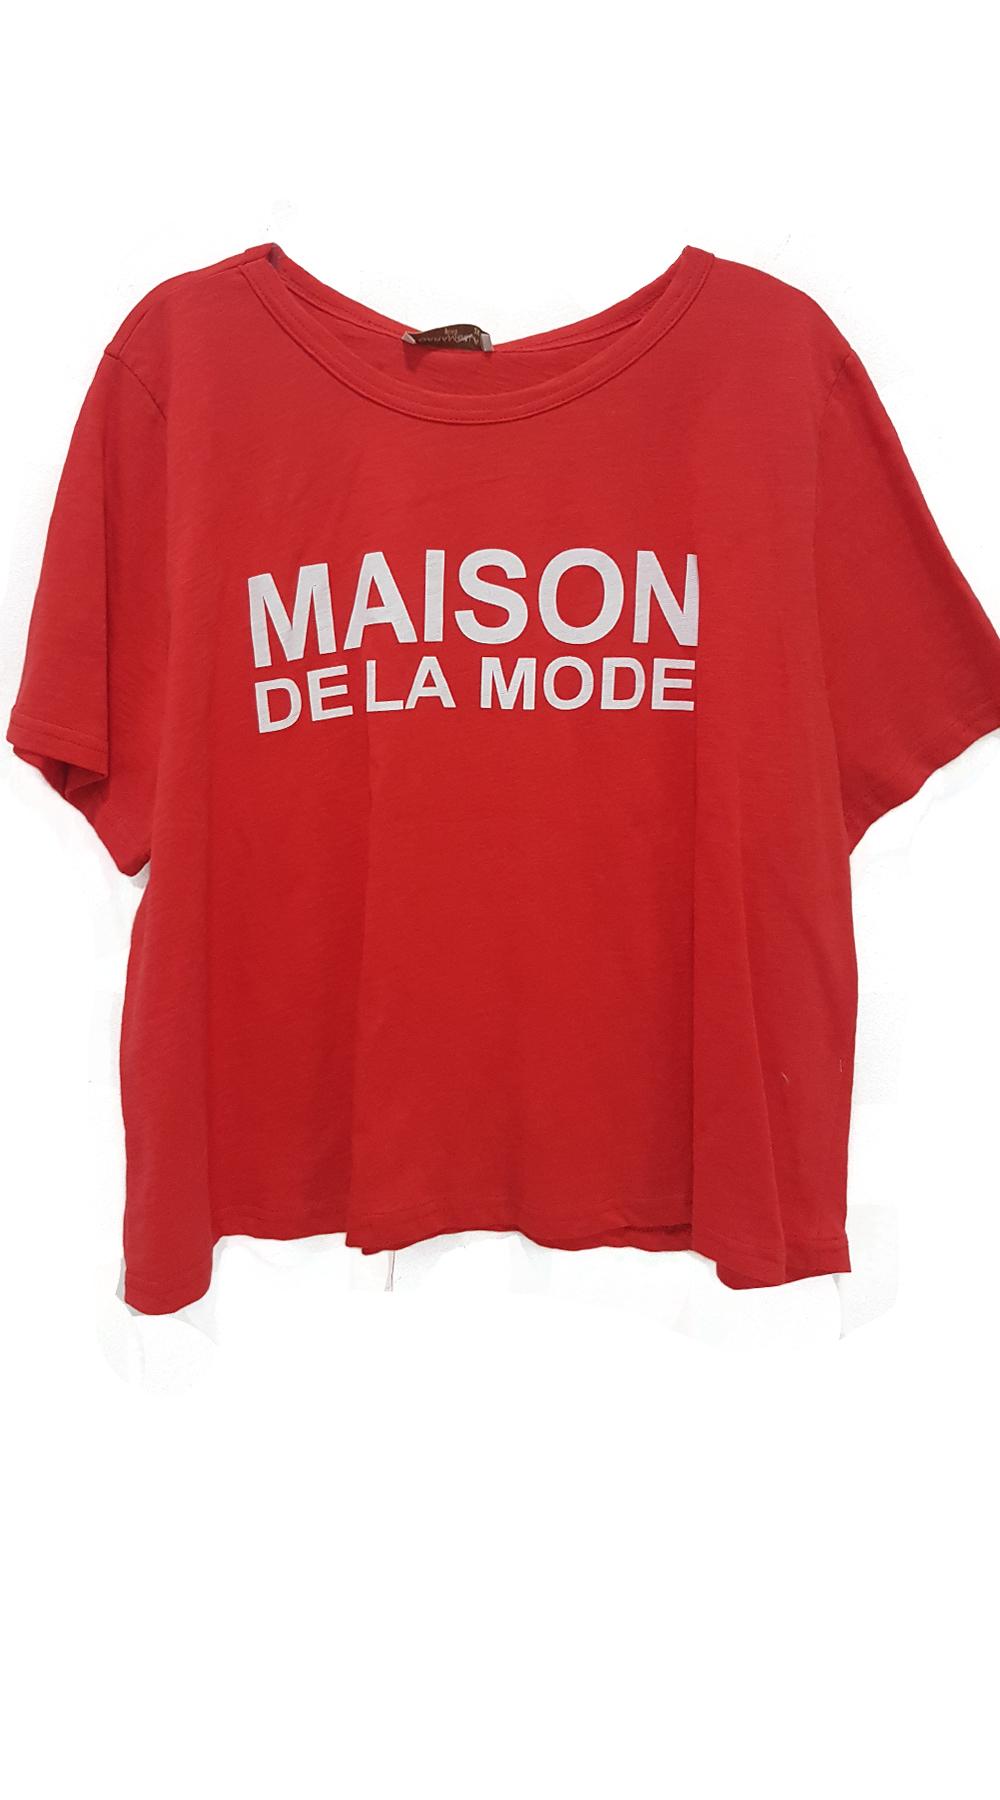 1fb1fcce87b3 Γυναικείο t-shirt MAISON DE LA MODE - Curvy